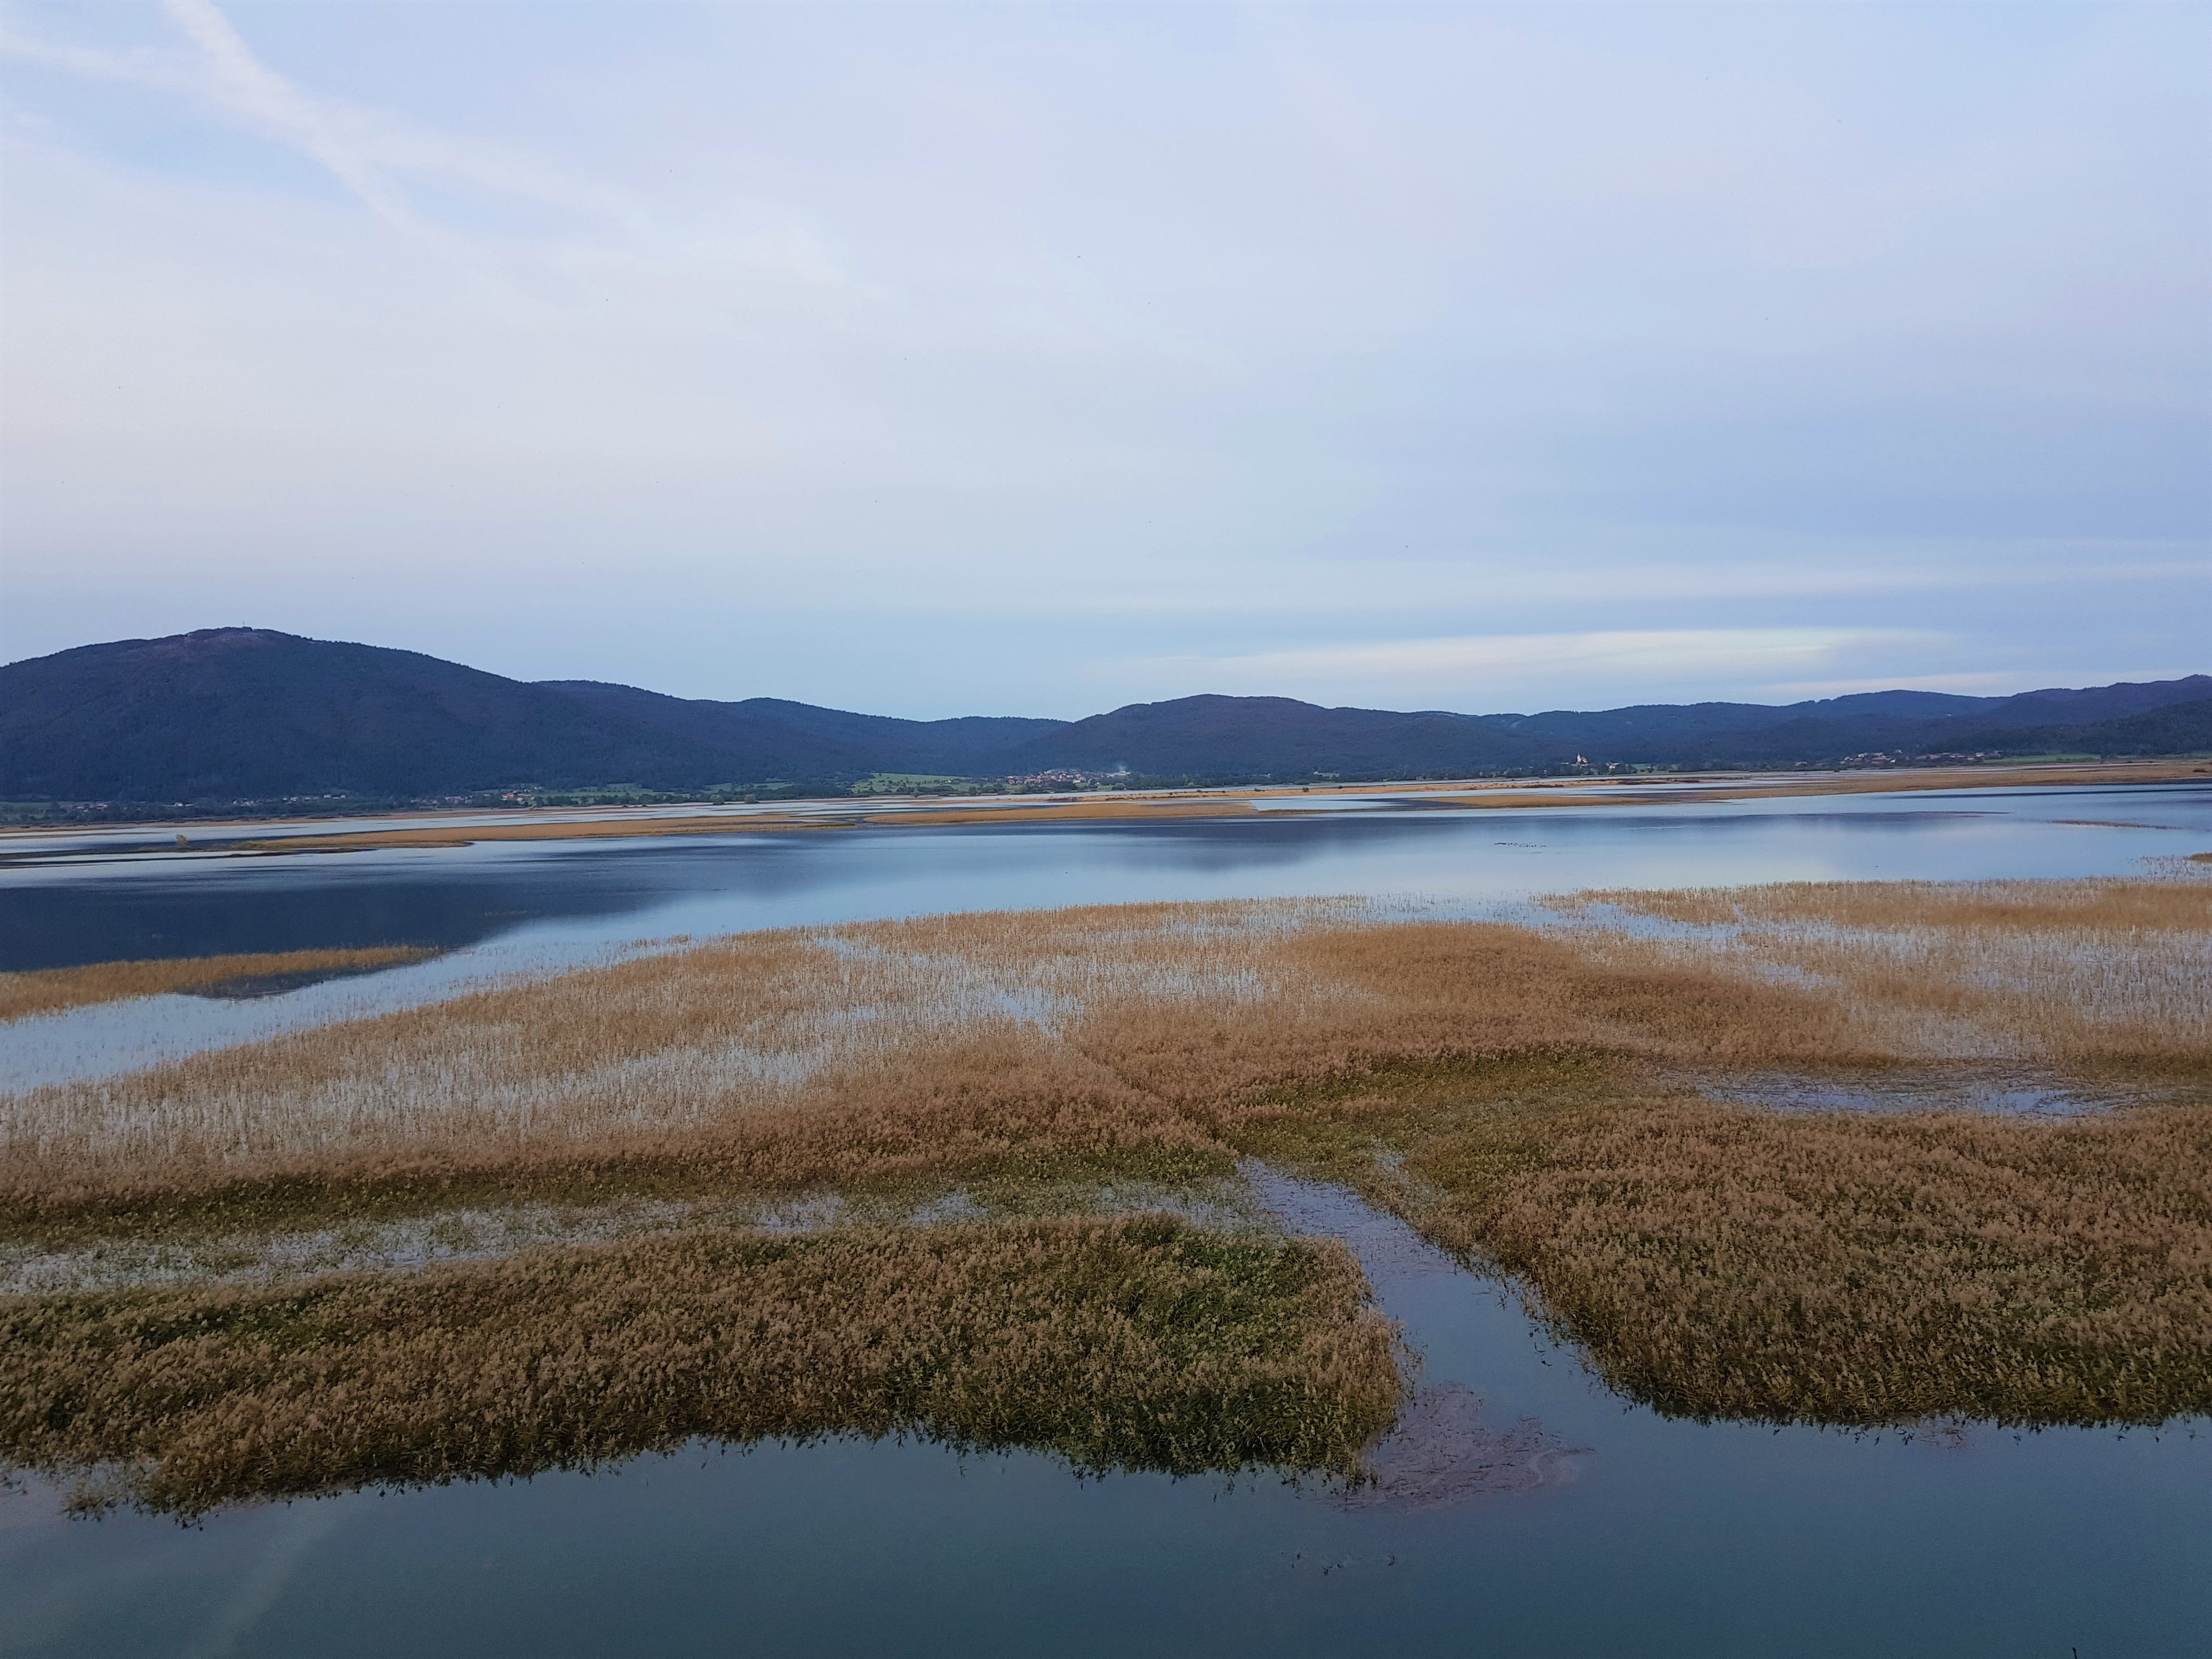 Spokoj na Cerkniškem jezeru. Na prvi pogled. Pogled skozi daljnogled pa razkrije ptičji živžav, valovanje tršce v vetru, rahlo šumenje izvirov Cerkniškega jezera. Foto Eva Kobe